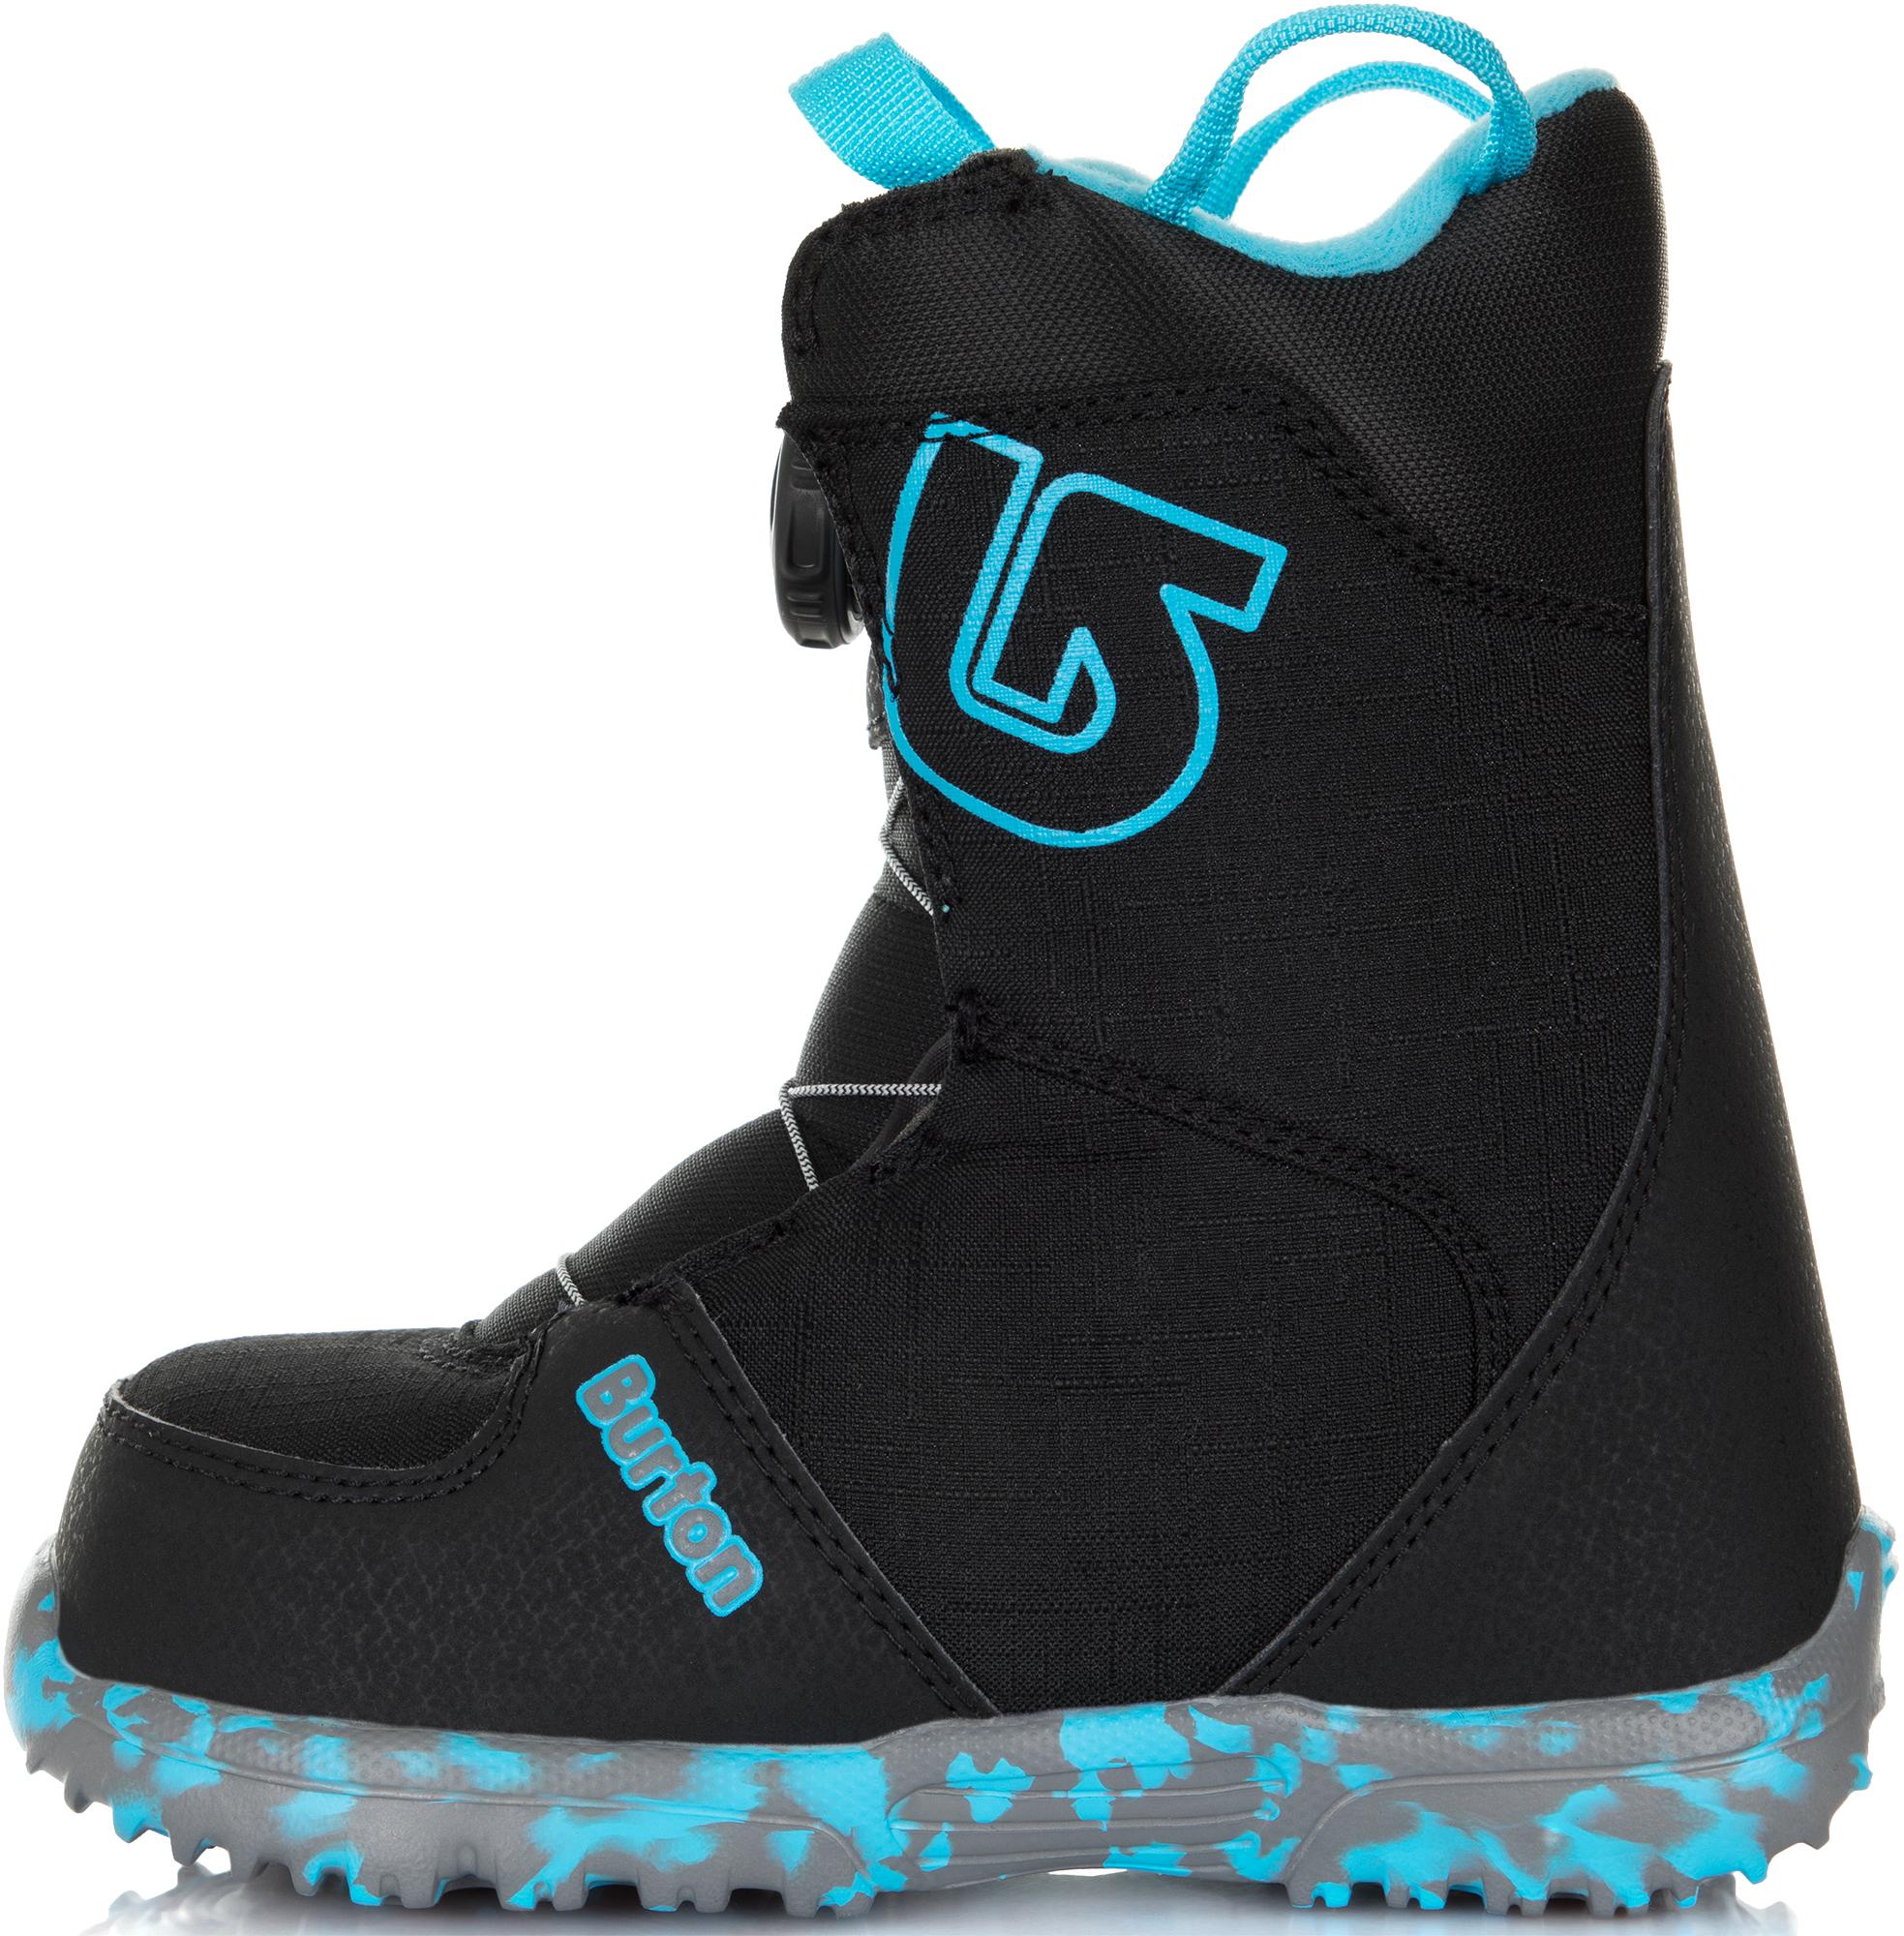 Burton Сноубордические ботинки детские Burton Grom Boa, размер 30,5 варежки сноубордические детские dc molan adventure time